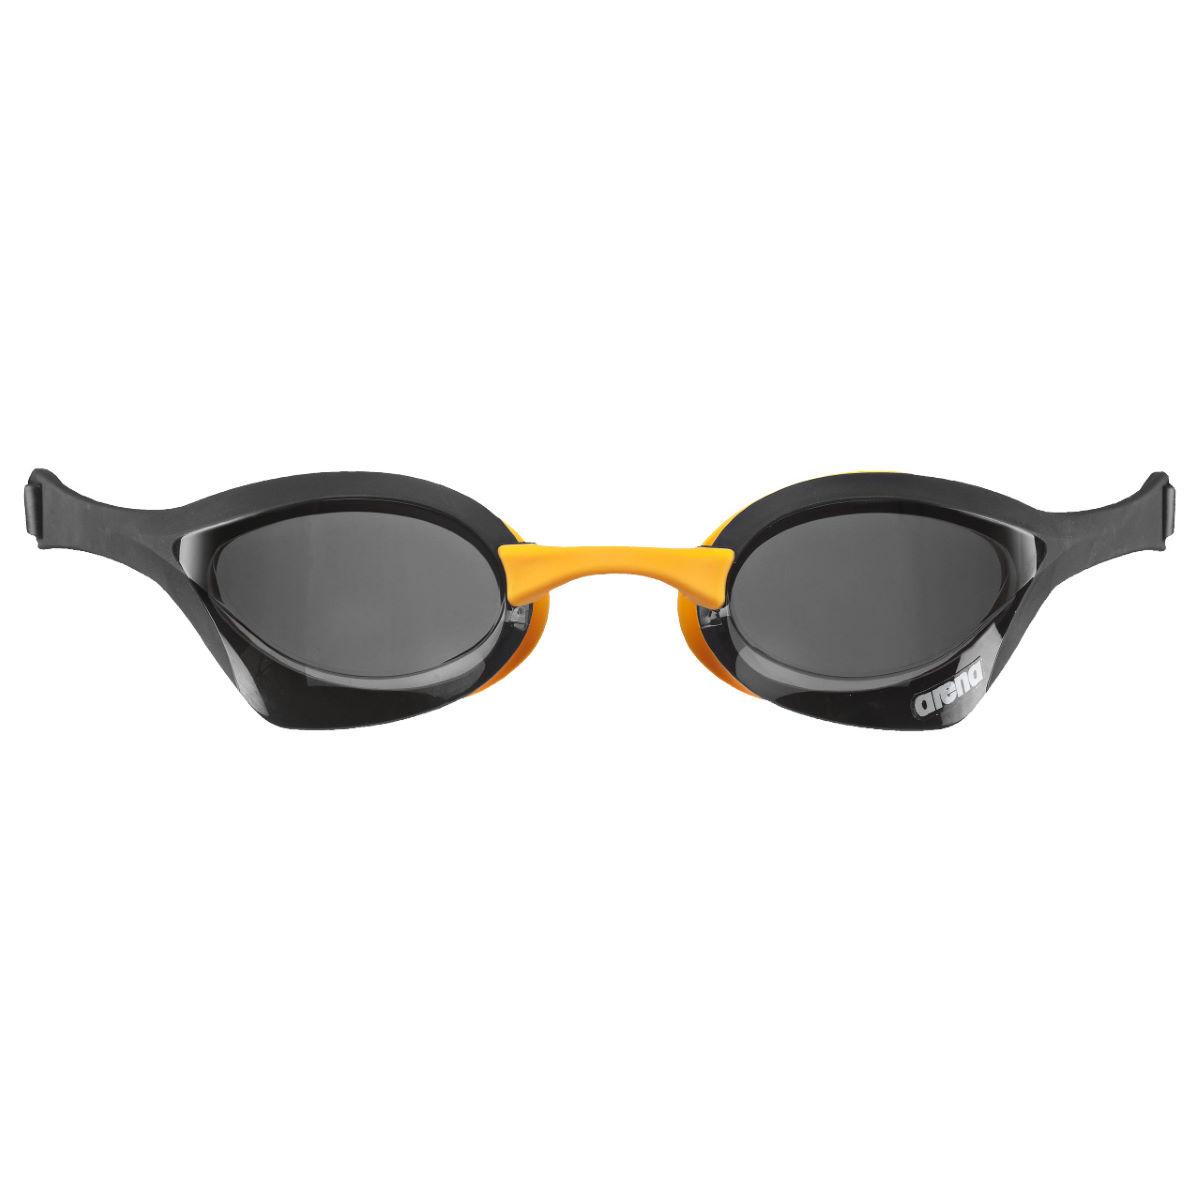 Gafas de natación Arena Cobra Ultra - Gafas de natación - Adultos